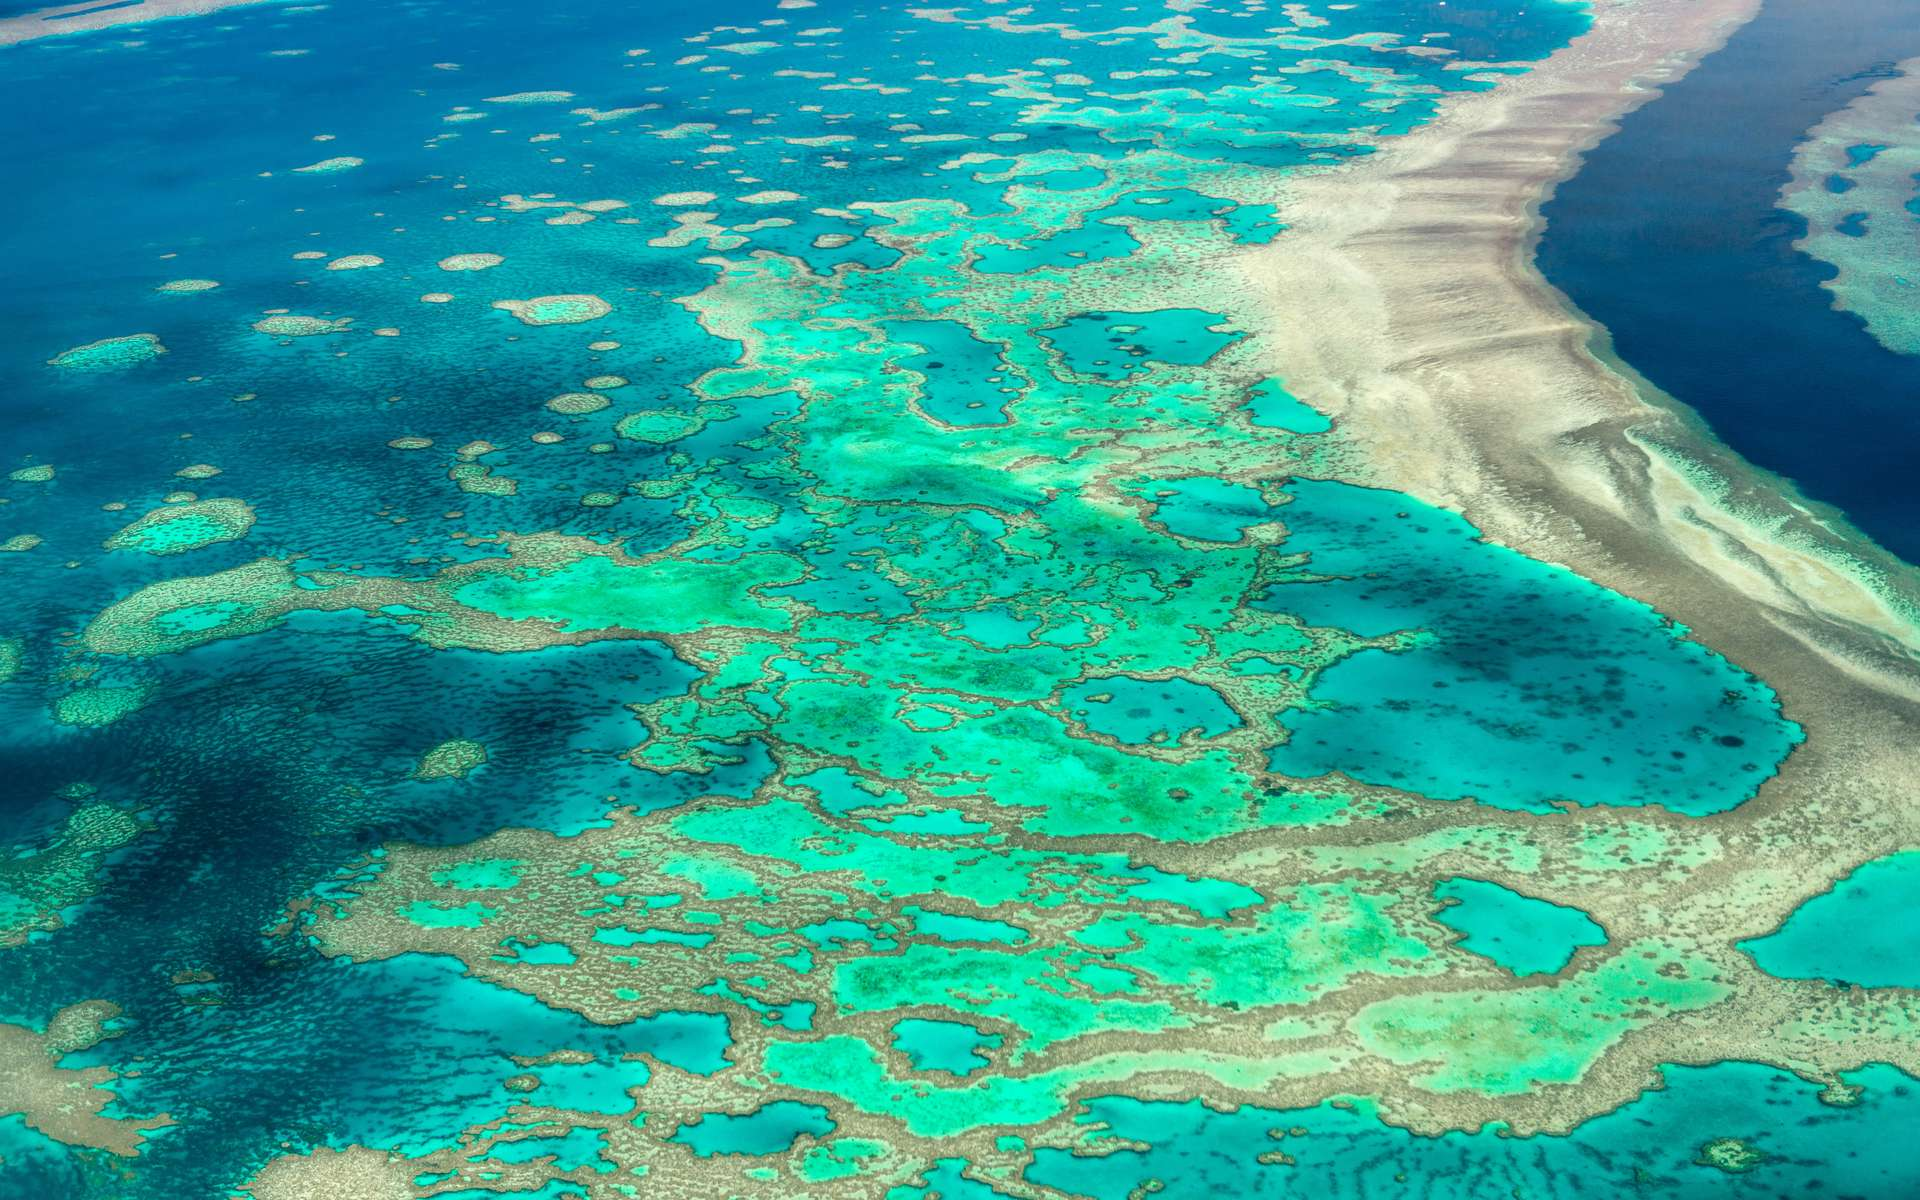 La Grande Barrière de Corail est le plus grand écosystème corallien du monde. © Superjoseph, Adobe Stock